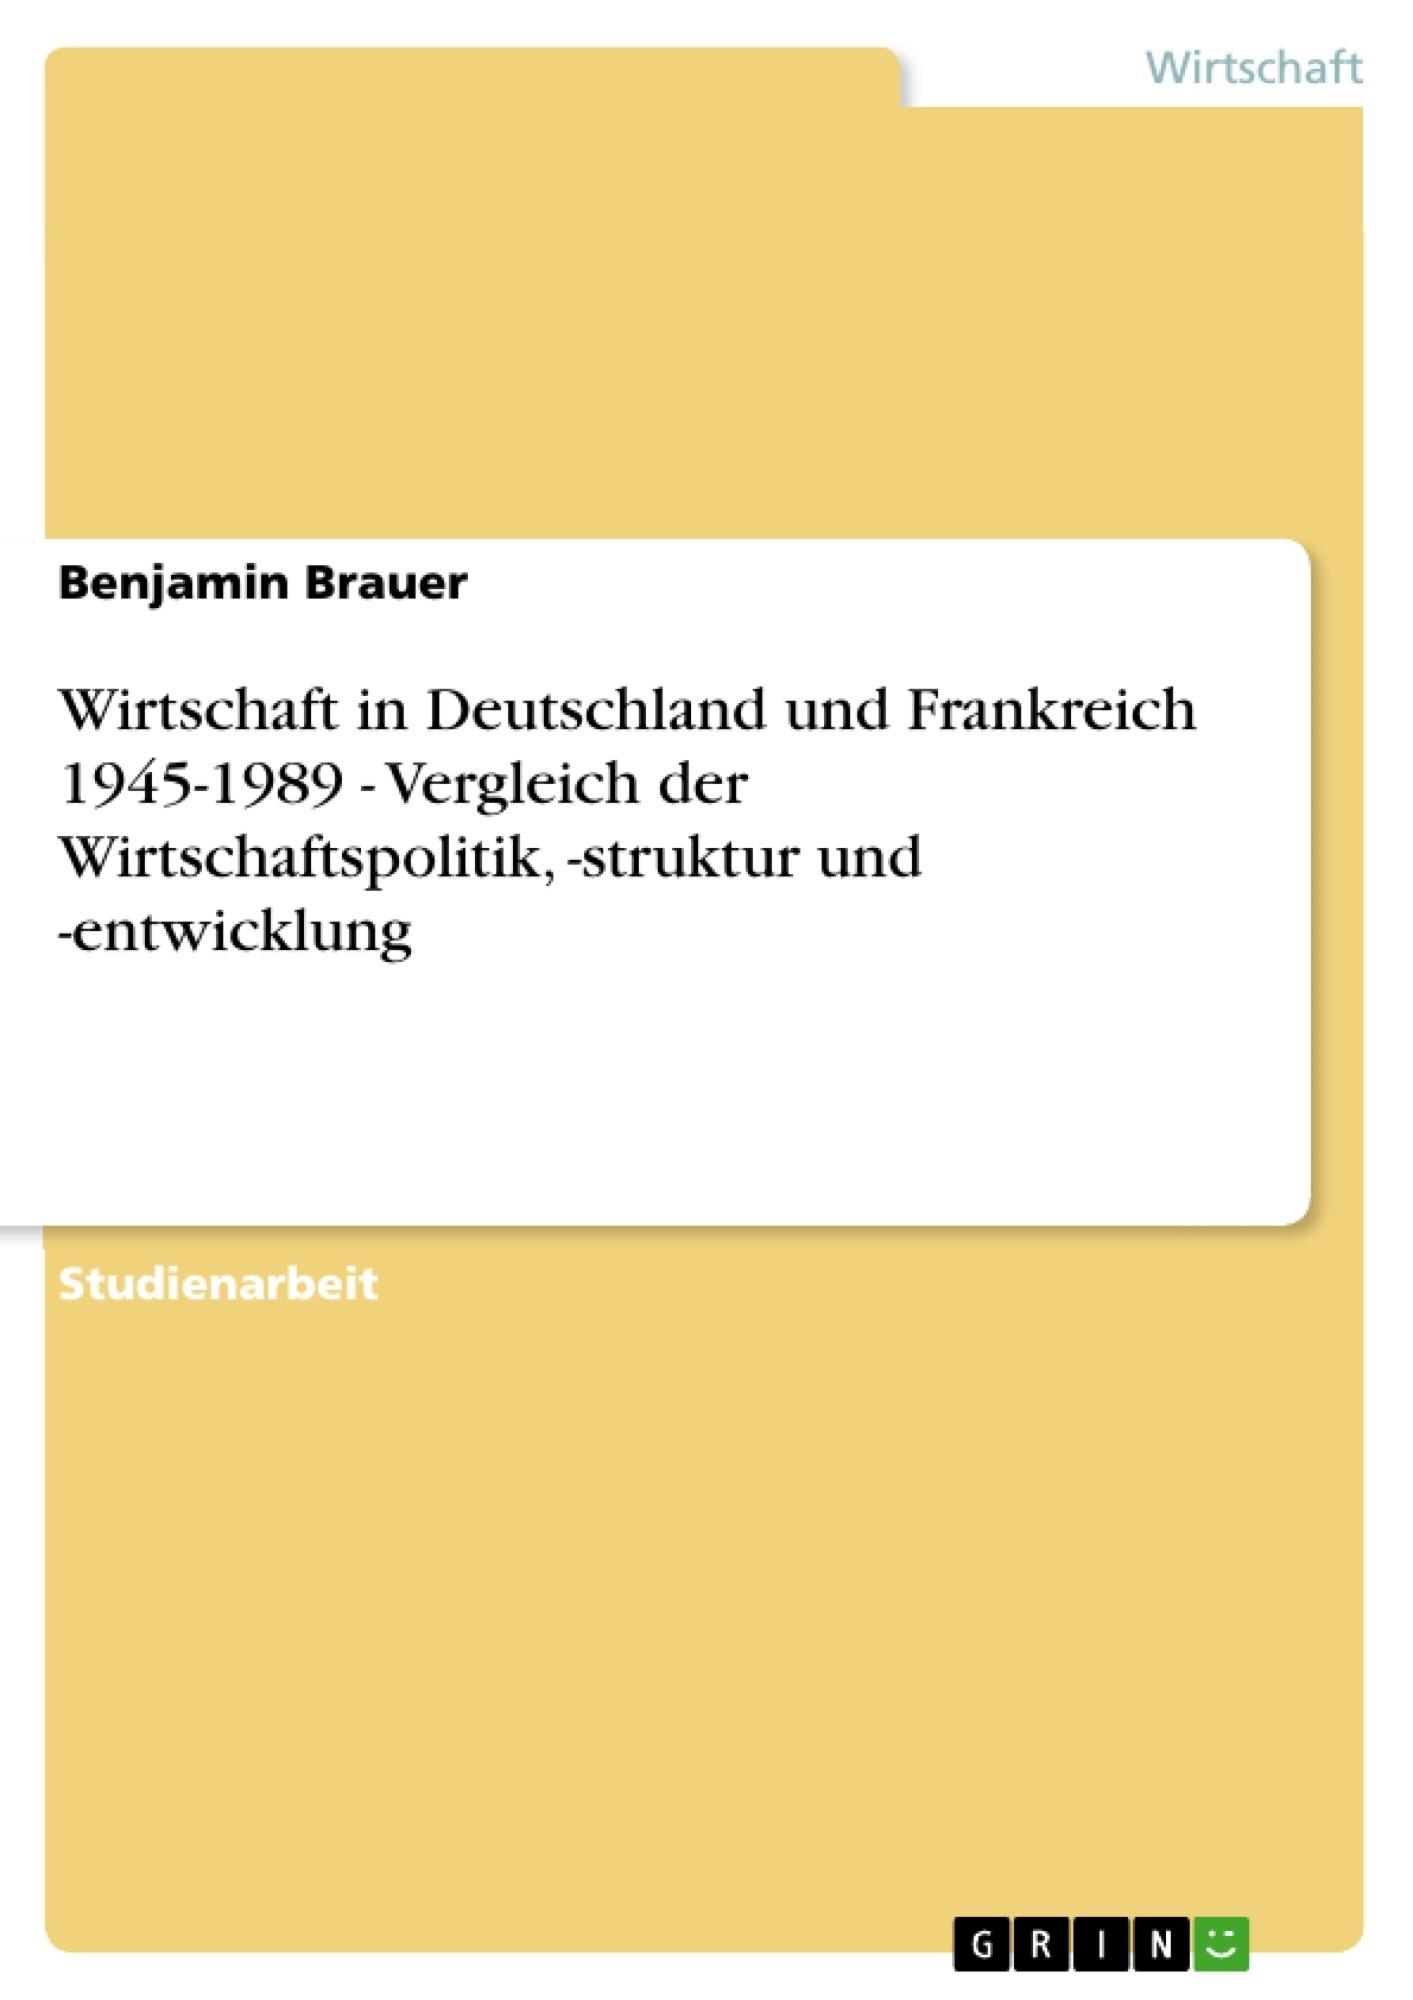 Titel: Wirtschaft in Deutschland und Frankreich 1945-1989 - Vergleich der Wirtschaftspolitik, -struktur und -entwicklung